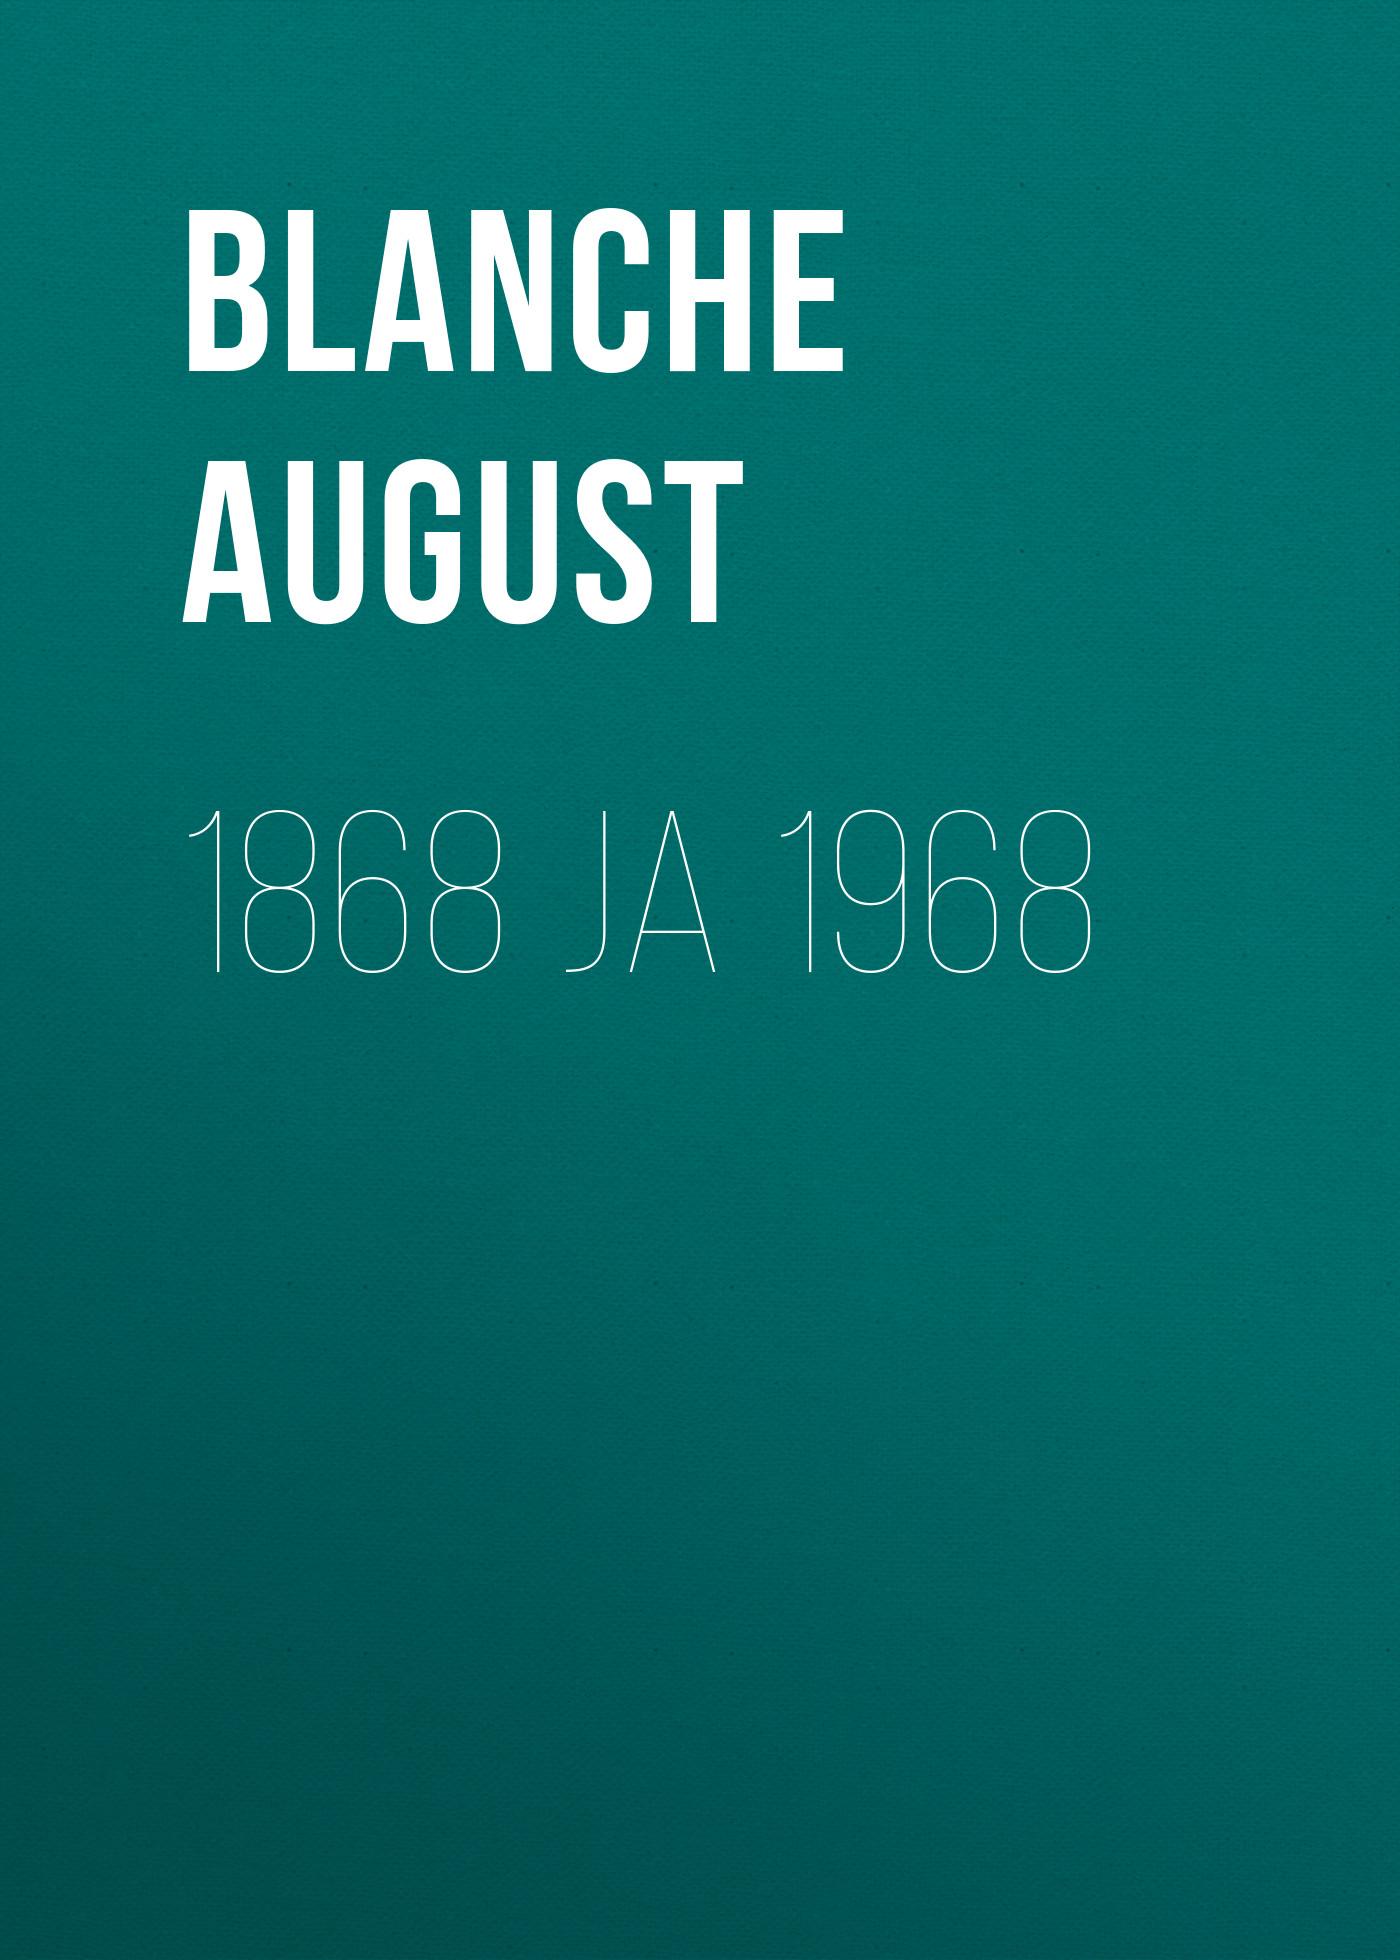 Blanche August 1868 ja 1968